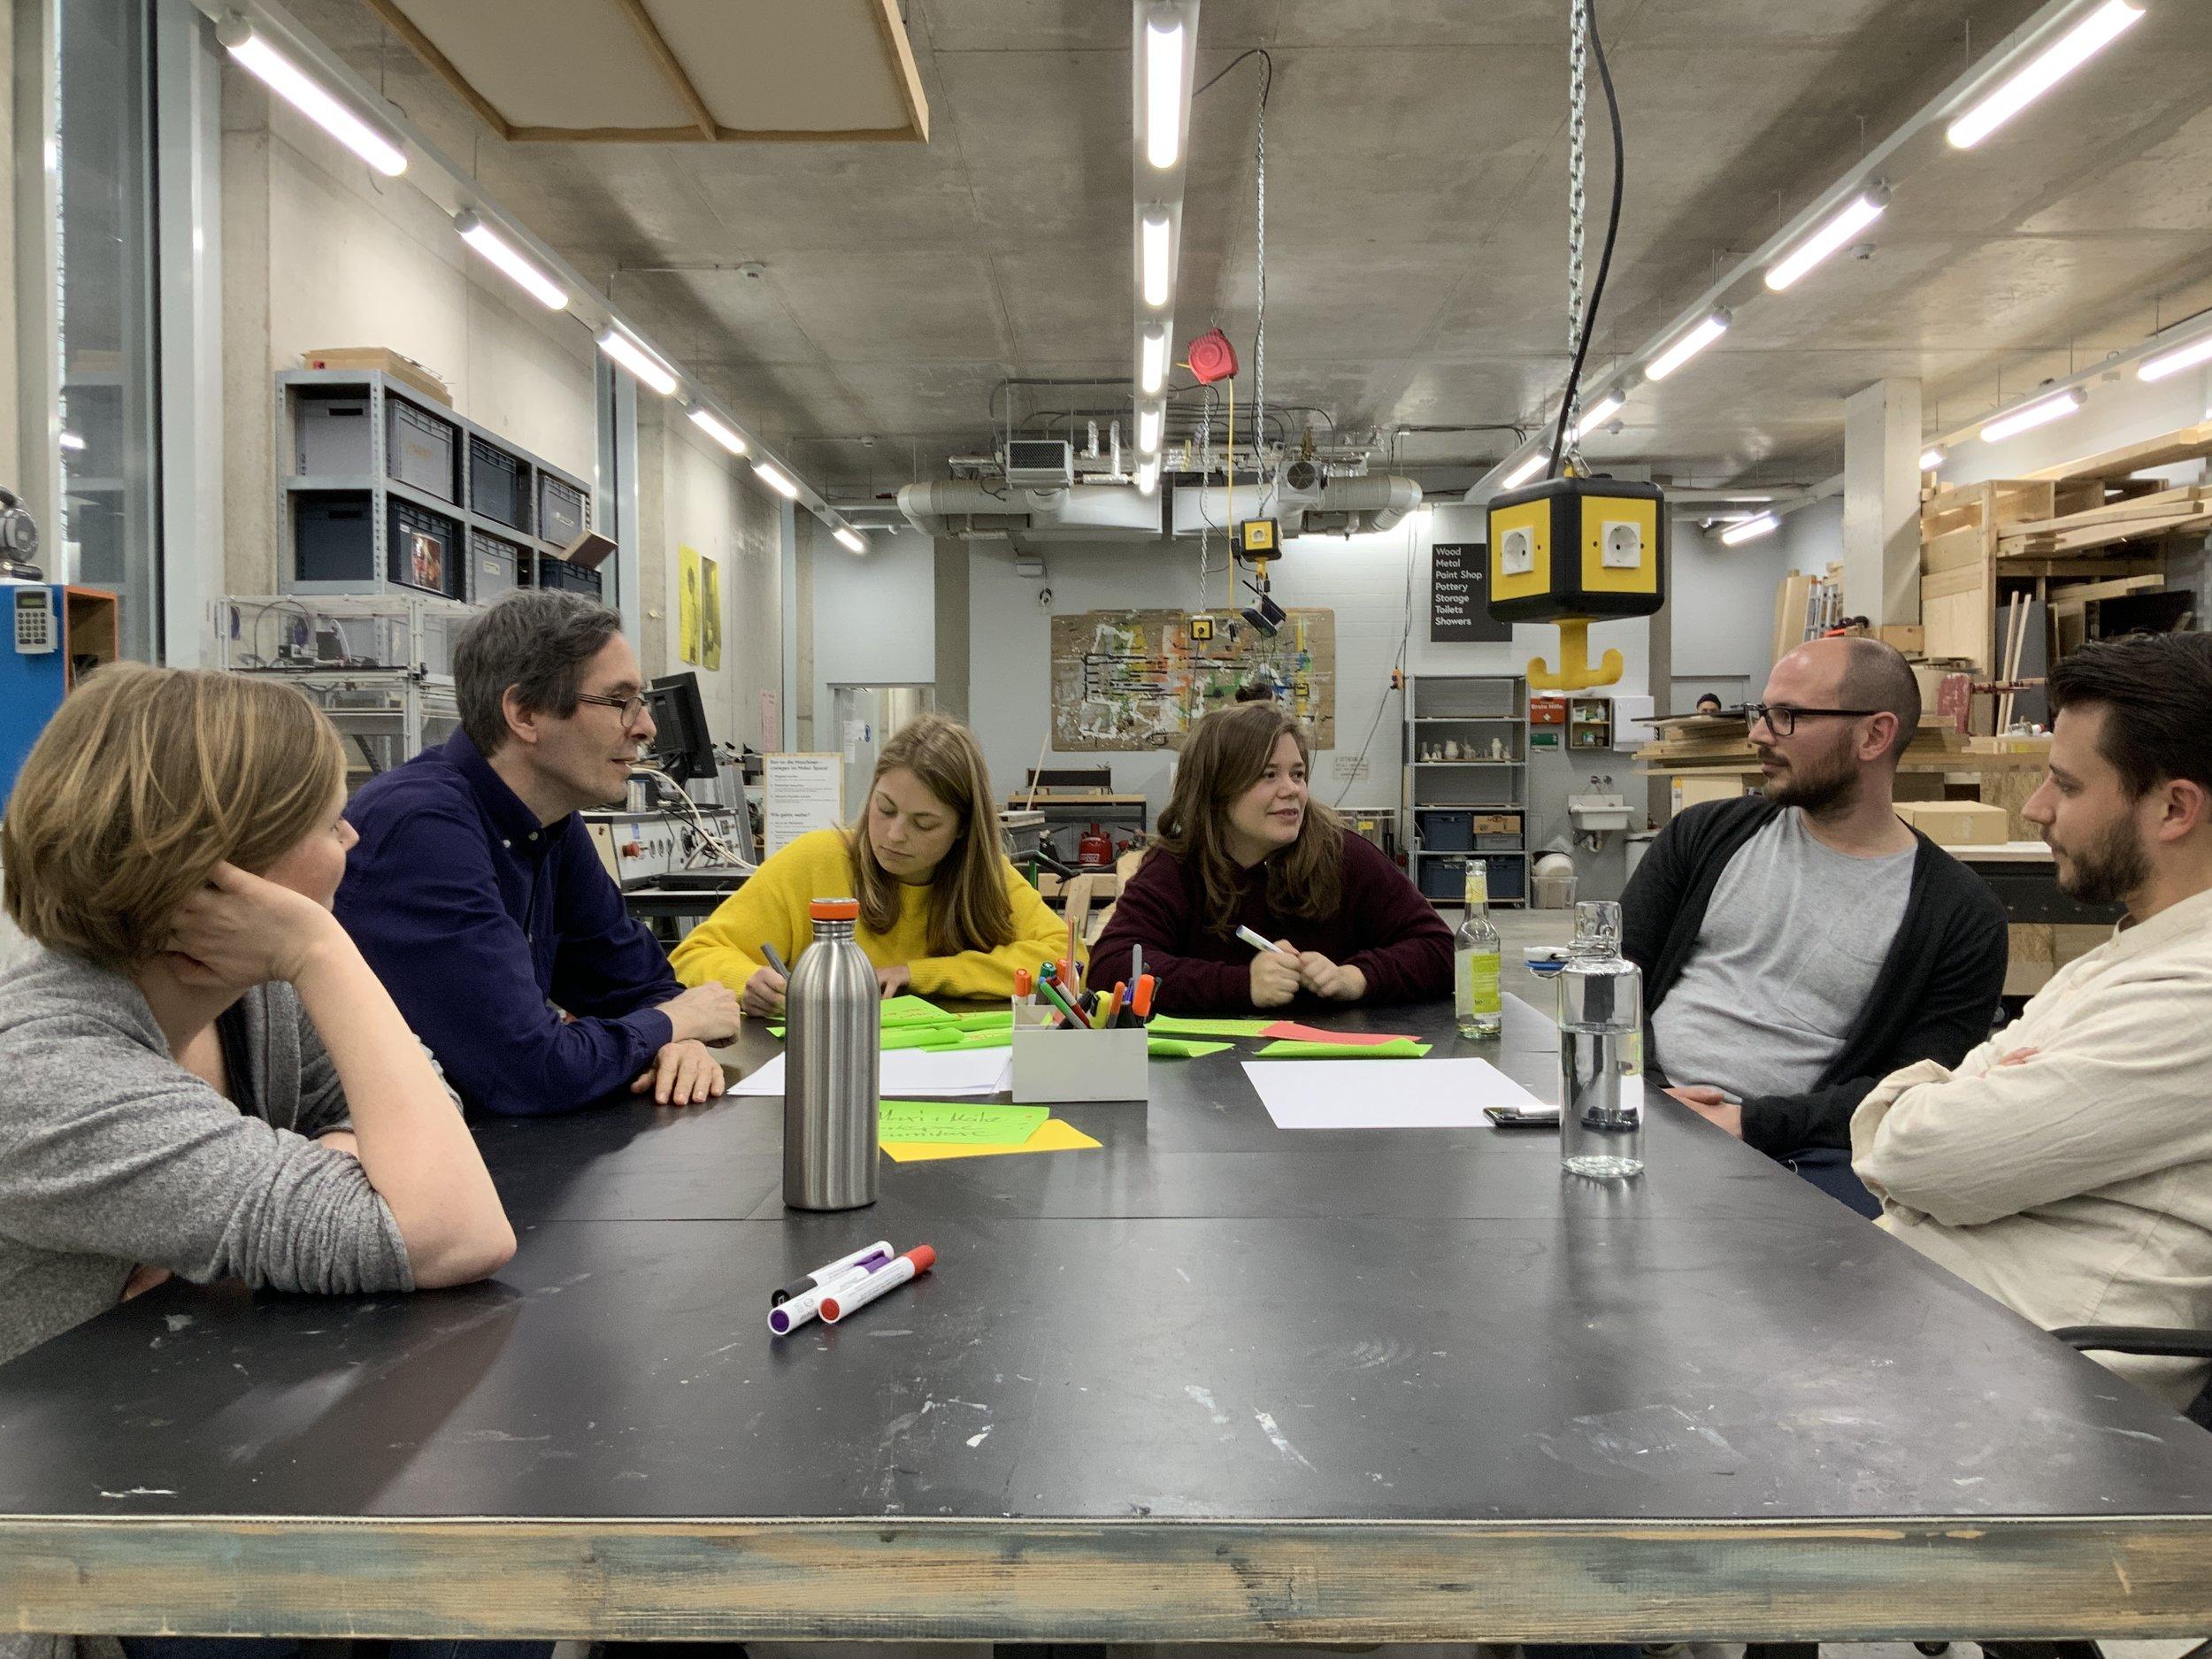 Die Produkt-Design Studentinen Maxi und Meike sammeln Ideen und Anforderungen für die Entwürfe neuer Büromöbel.